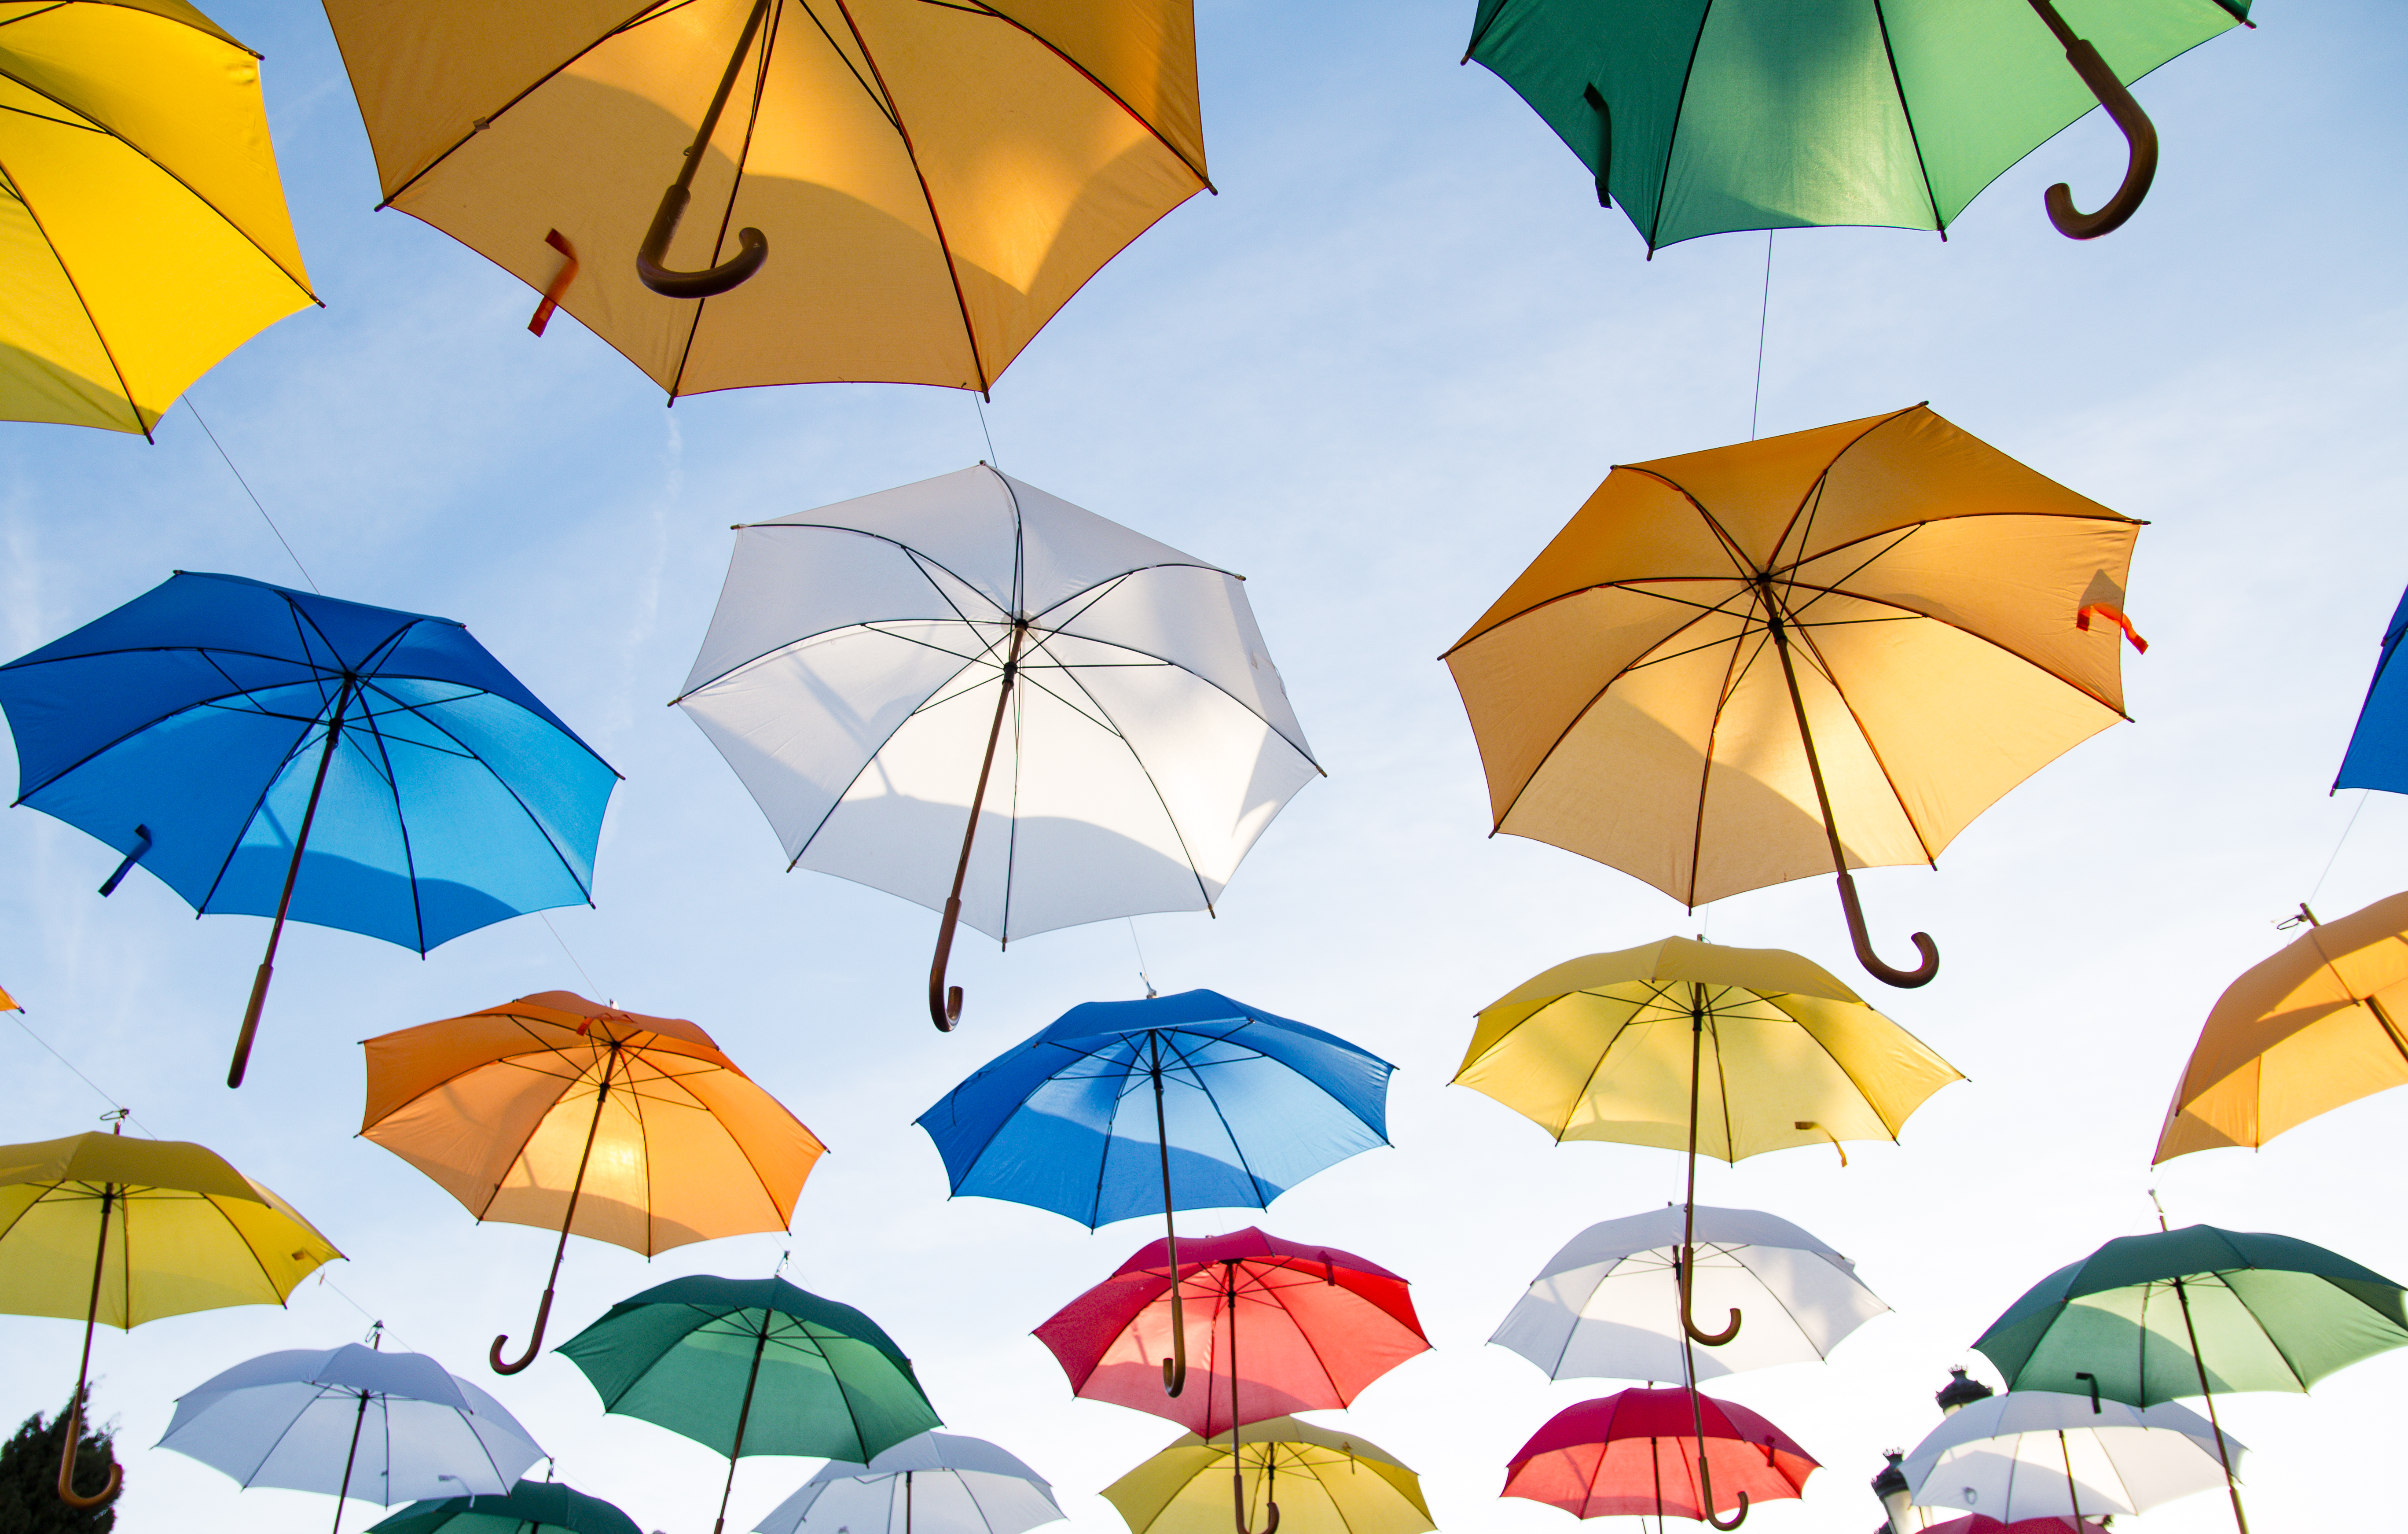 Des parapluies d'une multitude de couleurs